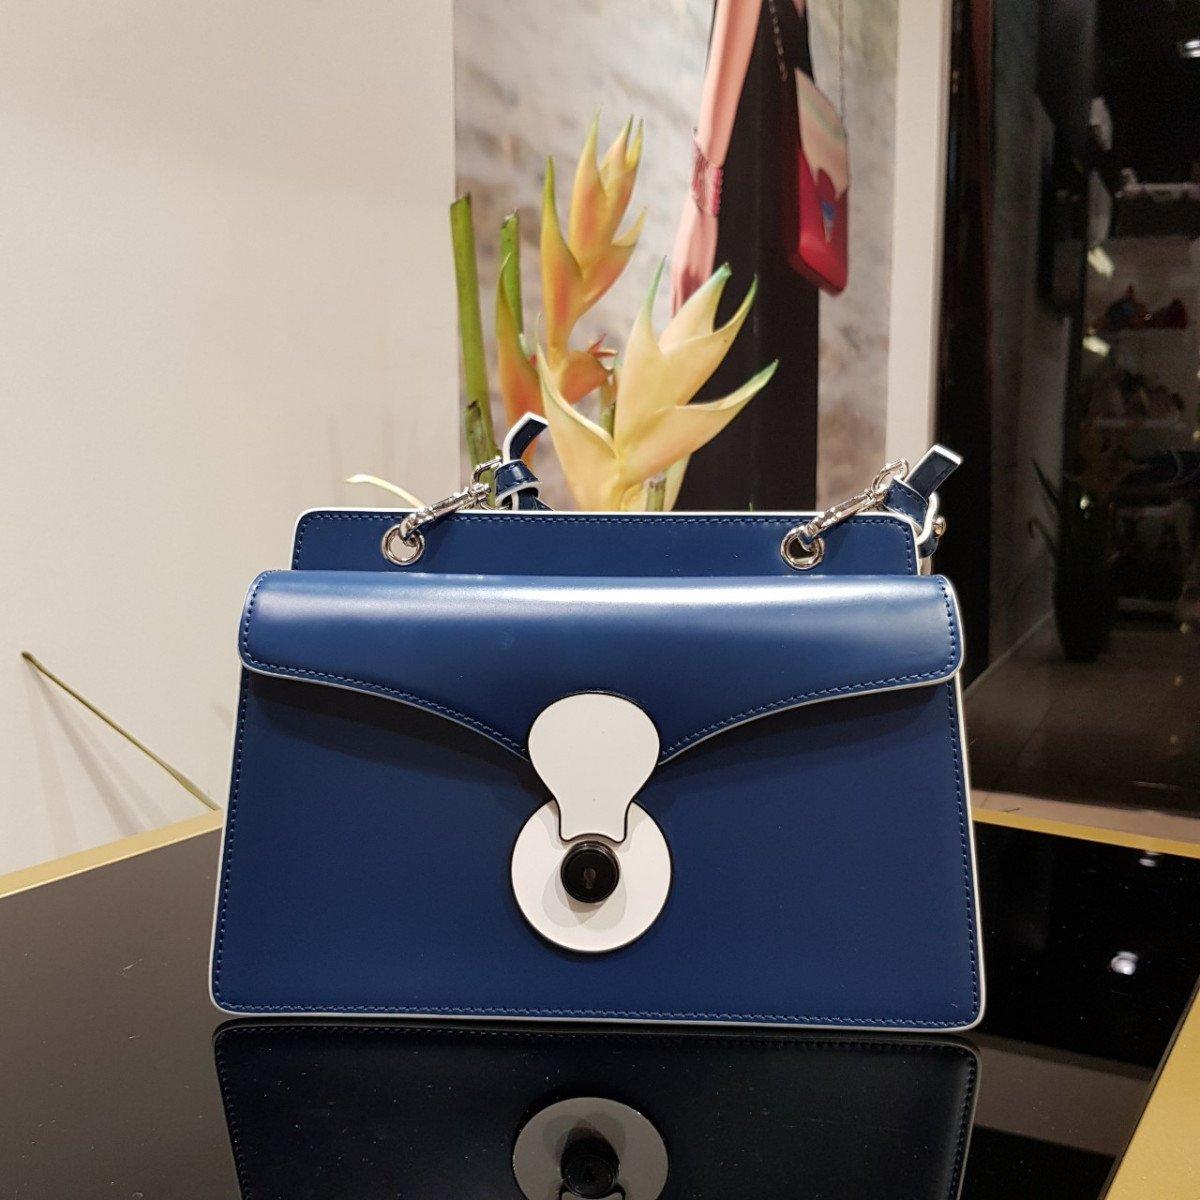 Женская кожаная сумка Tosca Blu TS19RB371 blue из натуральной кожи